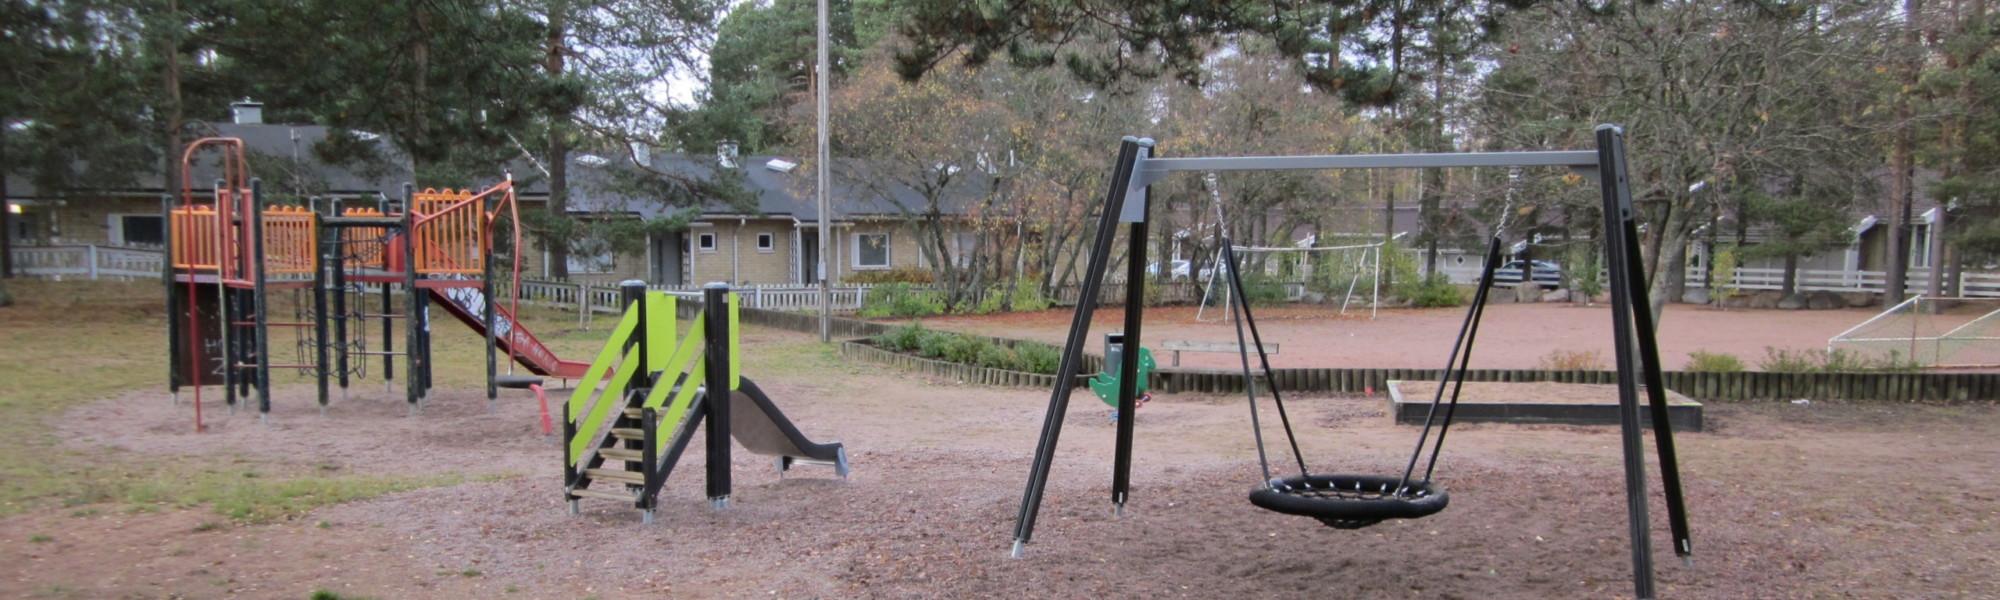 Kuvassa on Raamikadun leikkipaikka